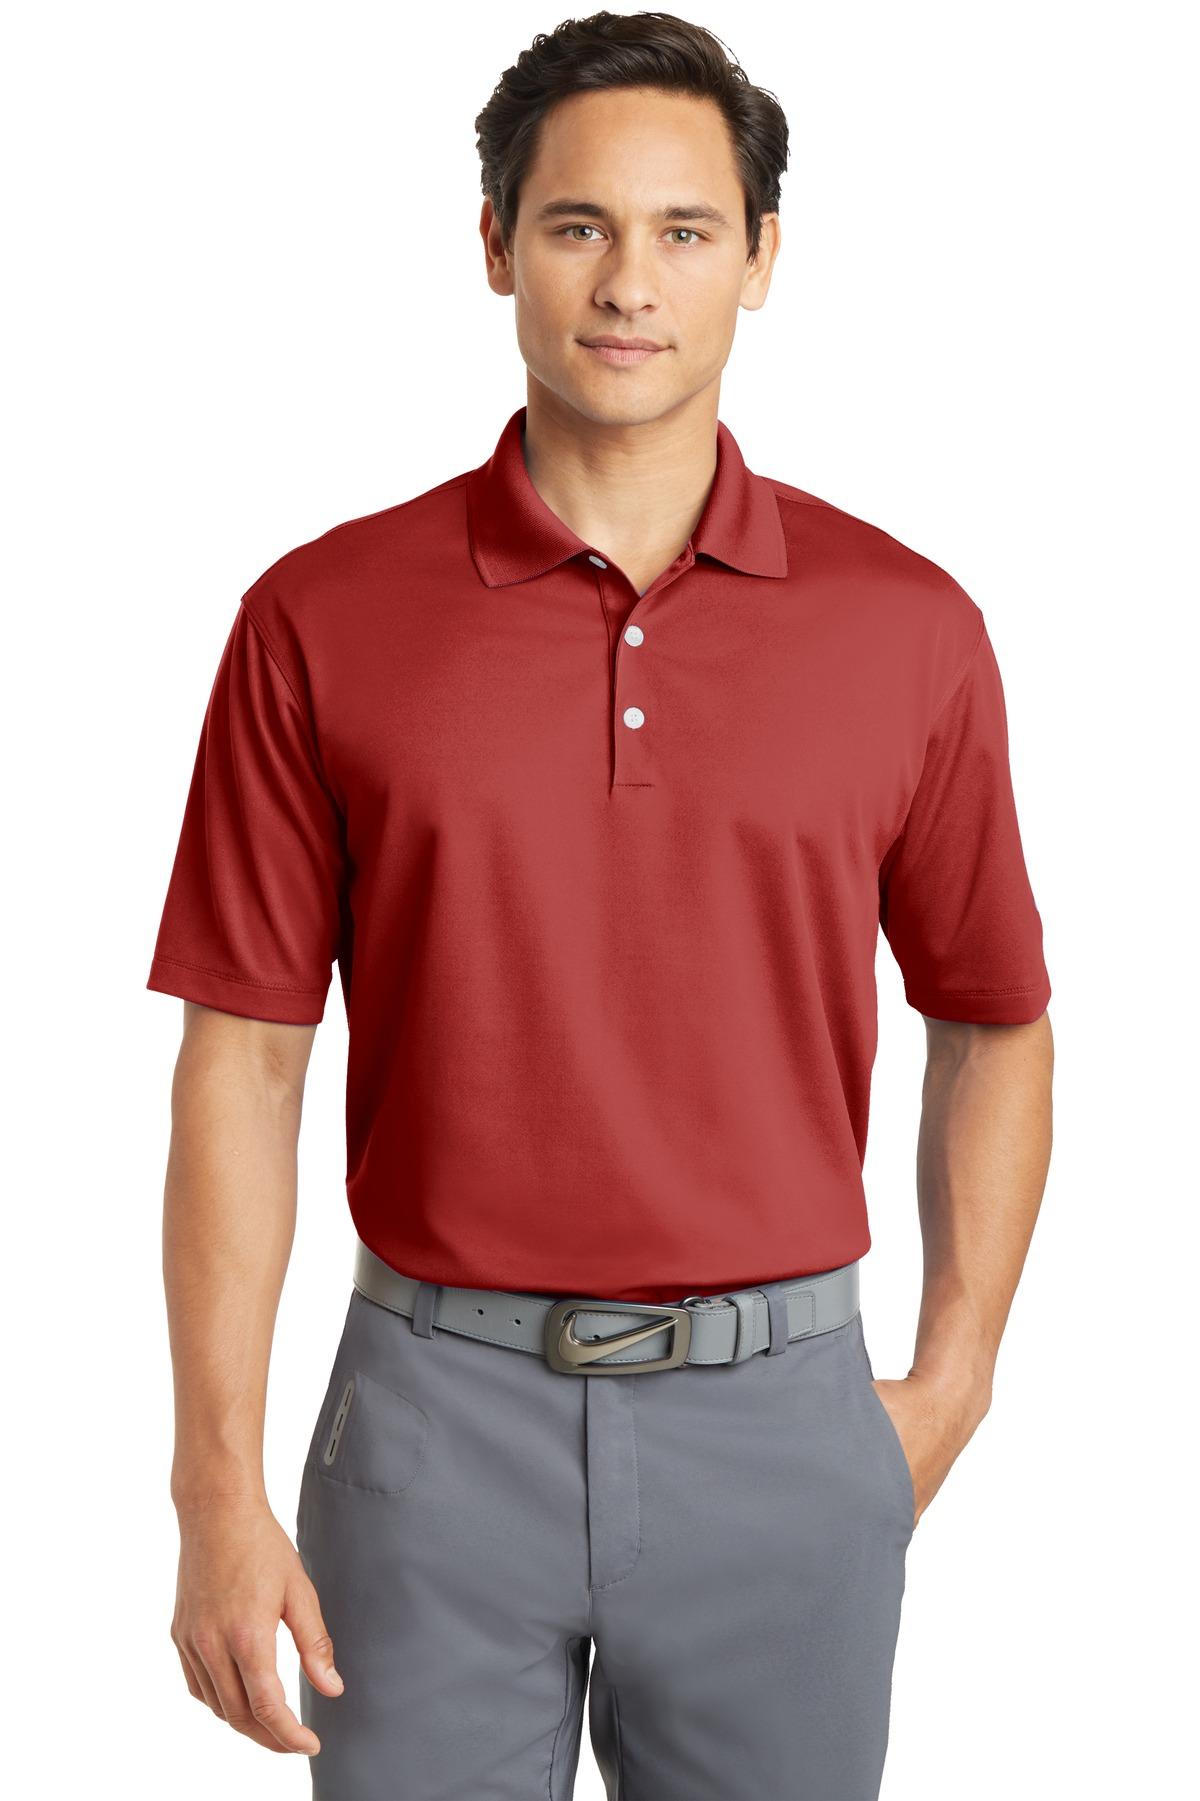 Nike Golf - Dri-FIT Micro Pique Polo.